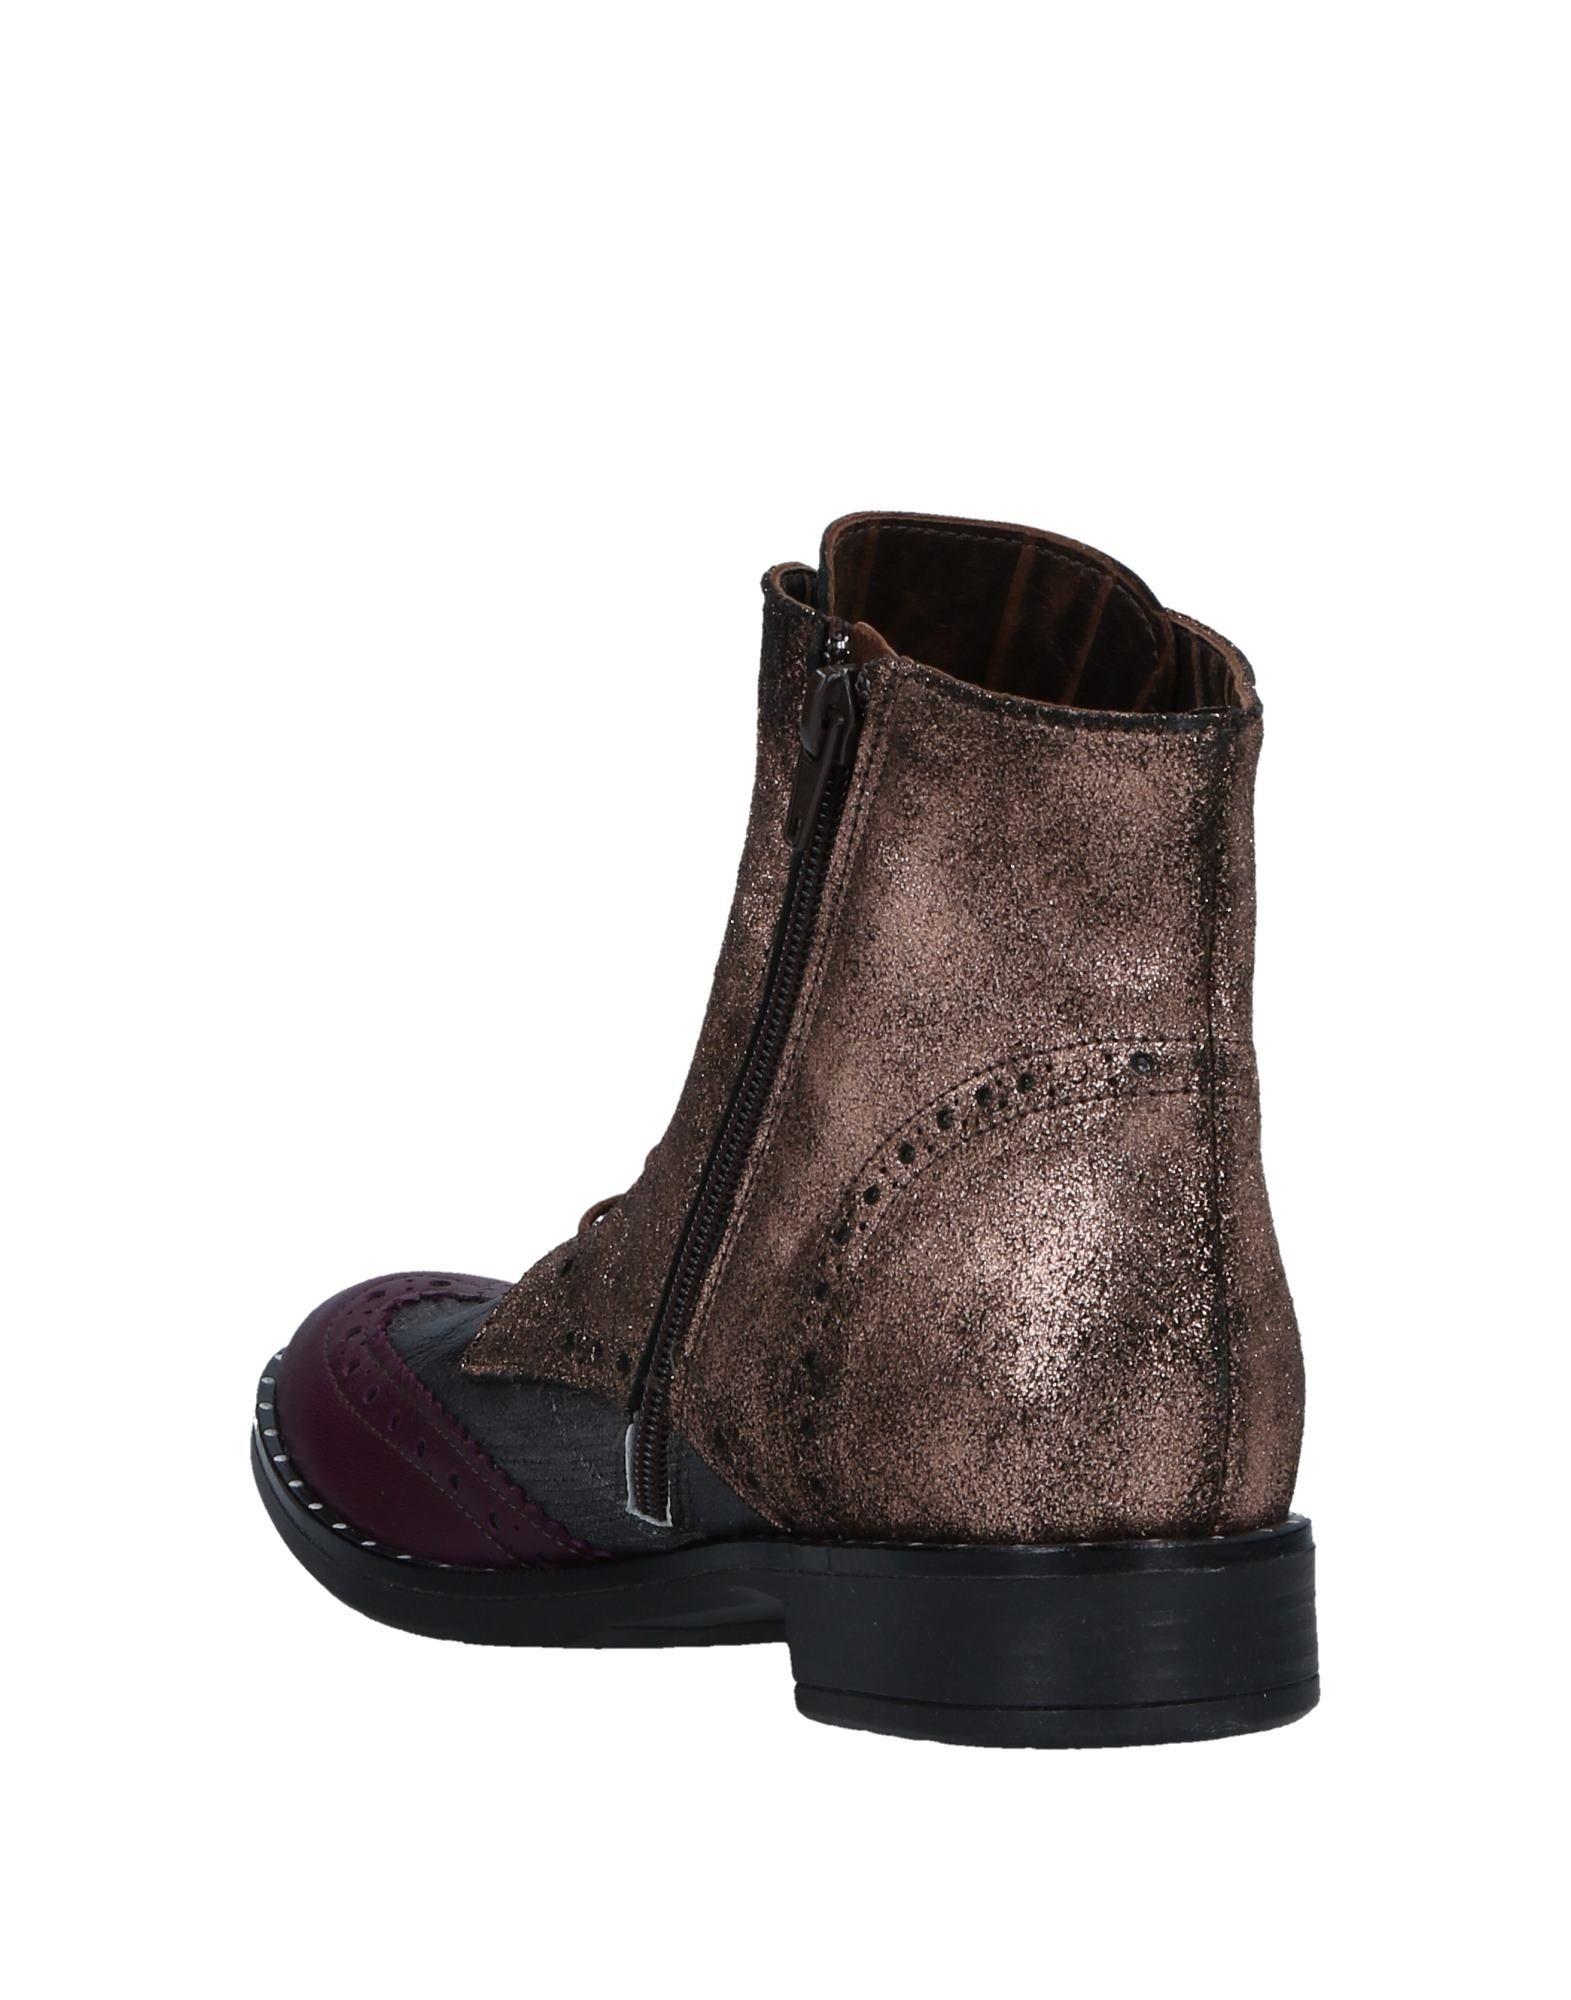 Gut um Stiefelette billige Schuhe zu tragenEbarrito Stiefelette um Damen  11516933LQ 4402b6